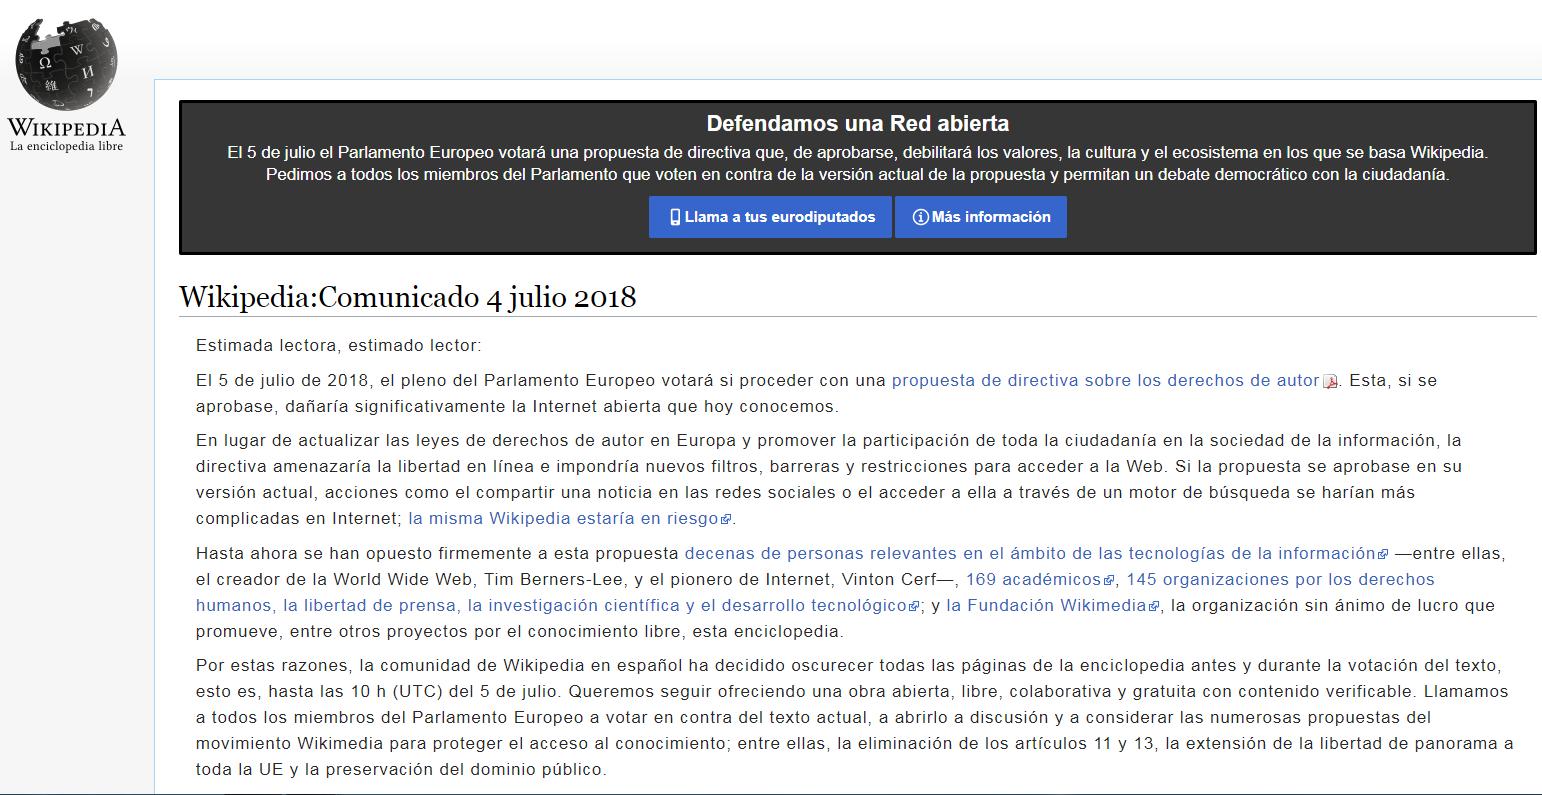 Comunicado oficial de Wikipedia contra la reforma de derechos de autor del Parlamento Europeo